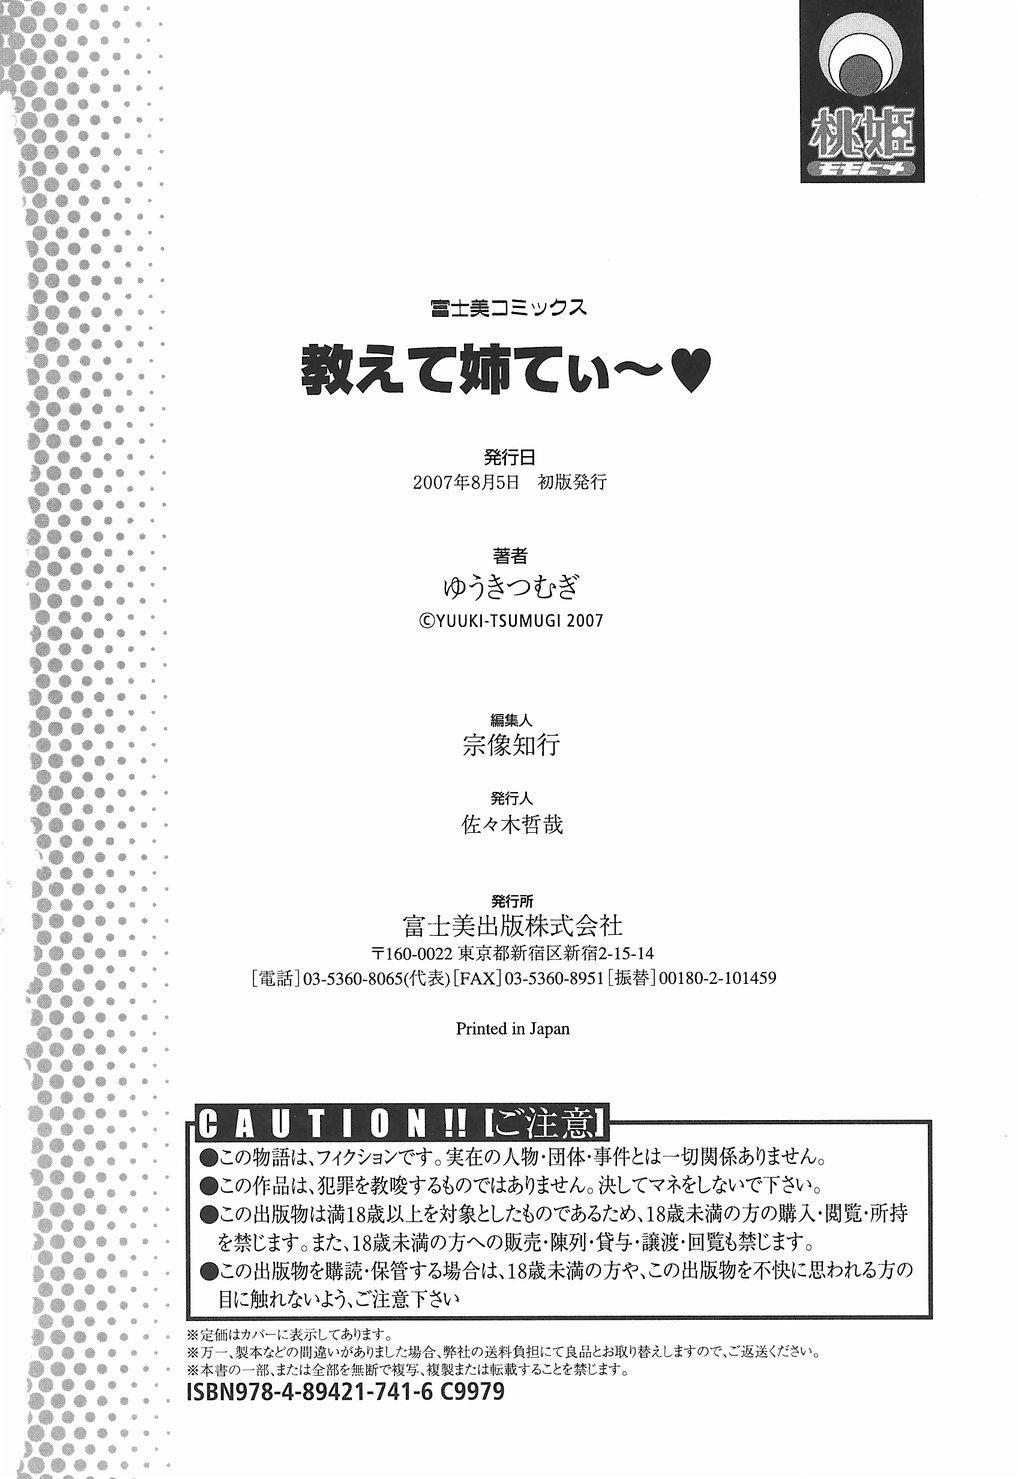 [Yuuki Tsumugi] Oshiete Ane-Tea - Teach me! my sister teacher. 187